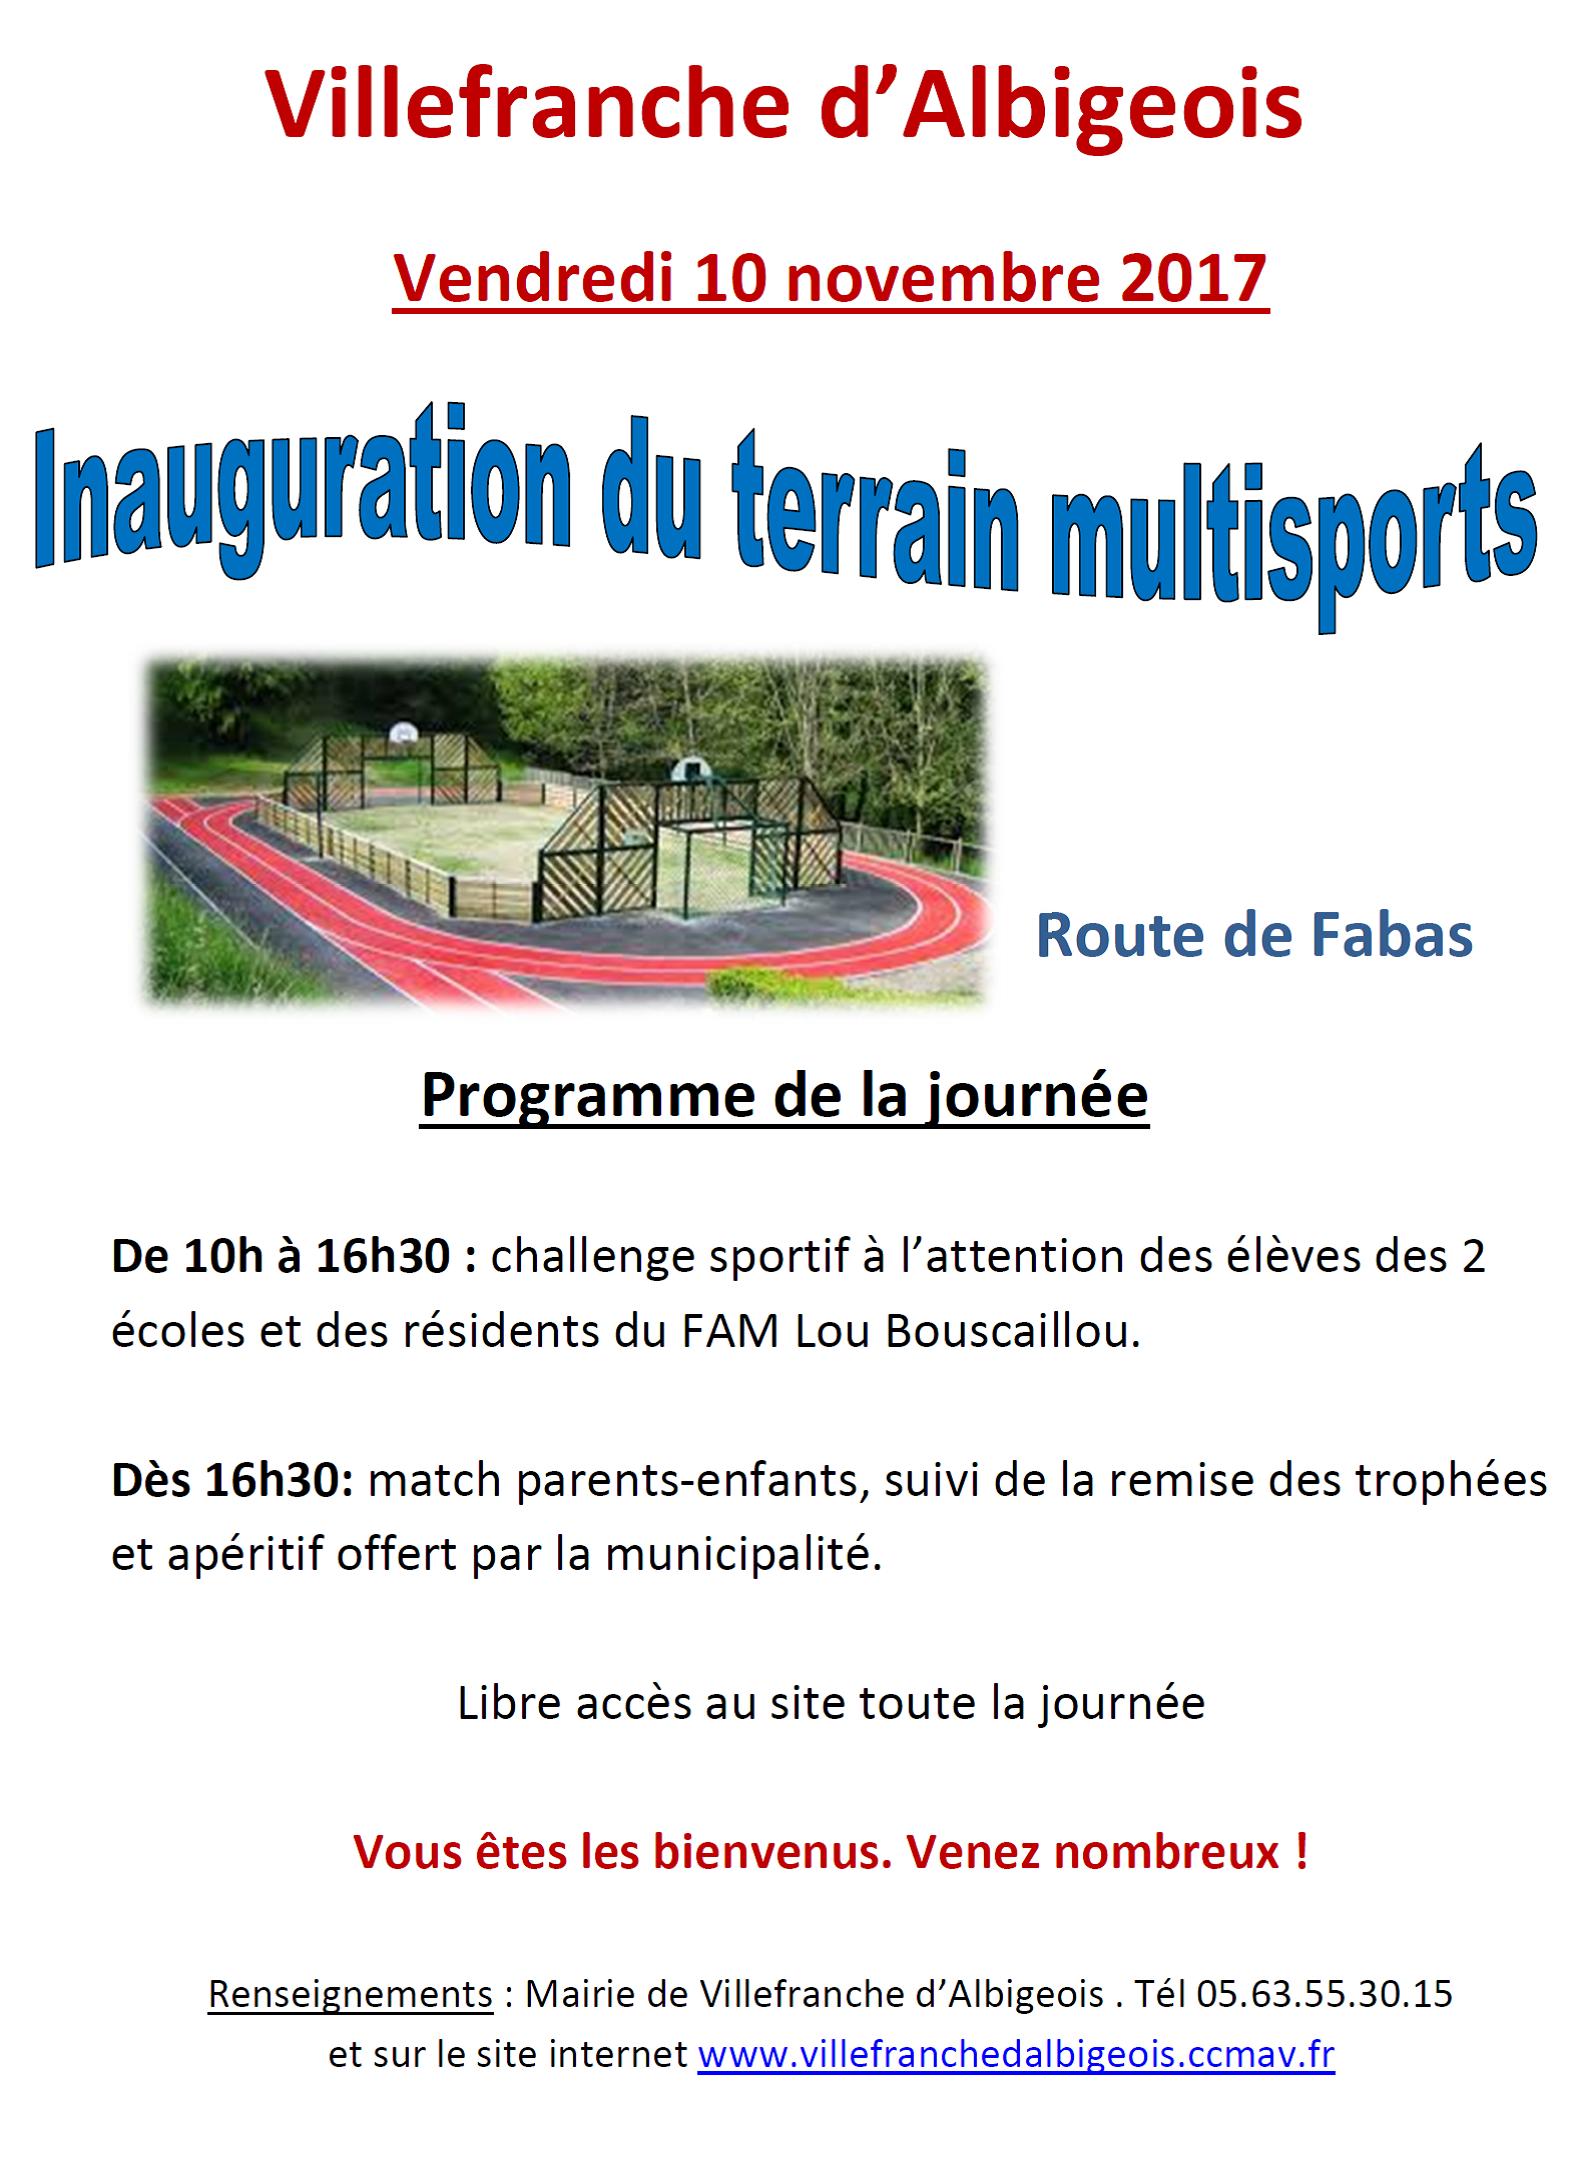 Vendredi 10 novembre 2017 : inauguration du terrain multisports